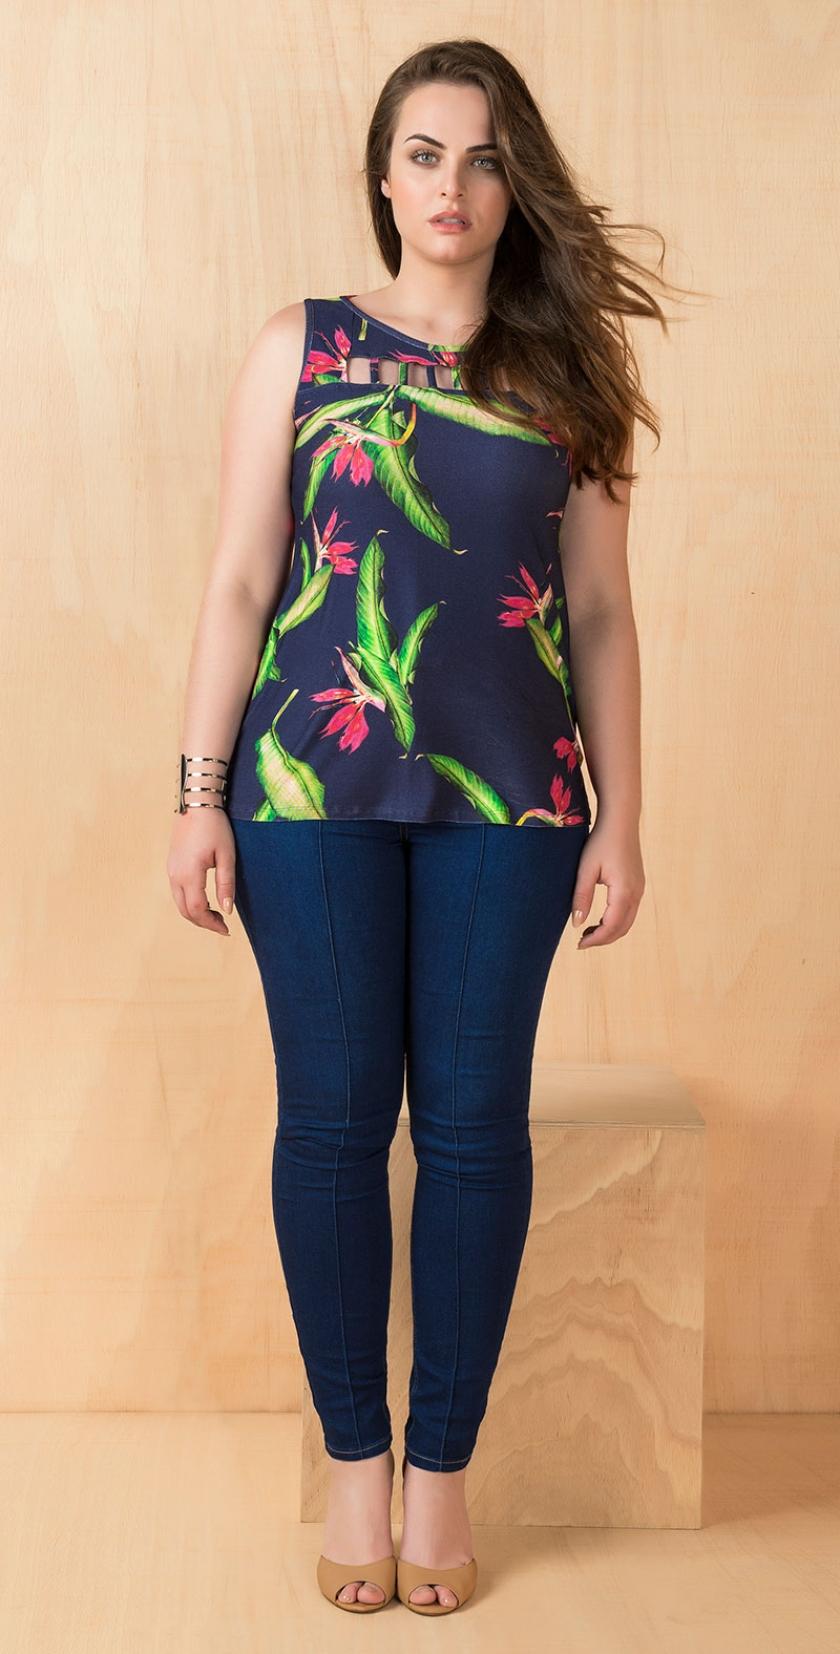 44f6bf6982ef blusa manga curta estampado botanico com detalhe de tule decote e calca  jeans skinny plus size